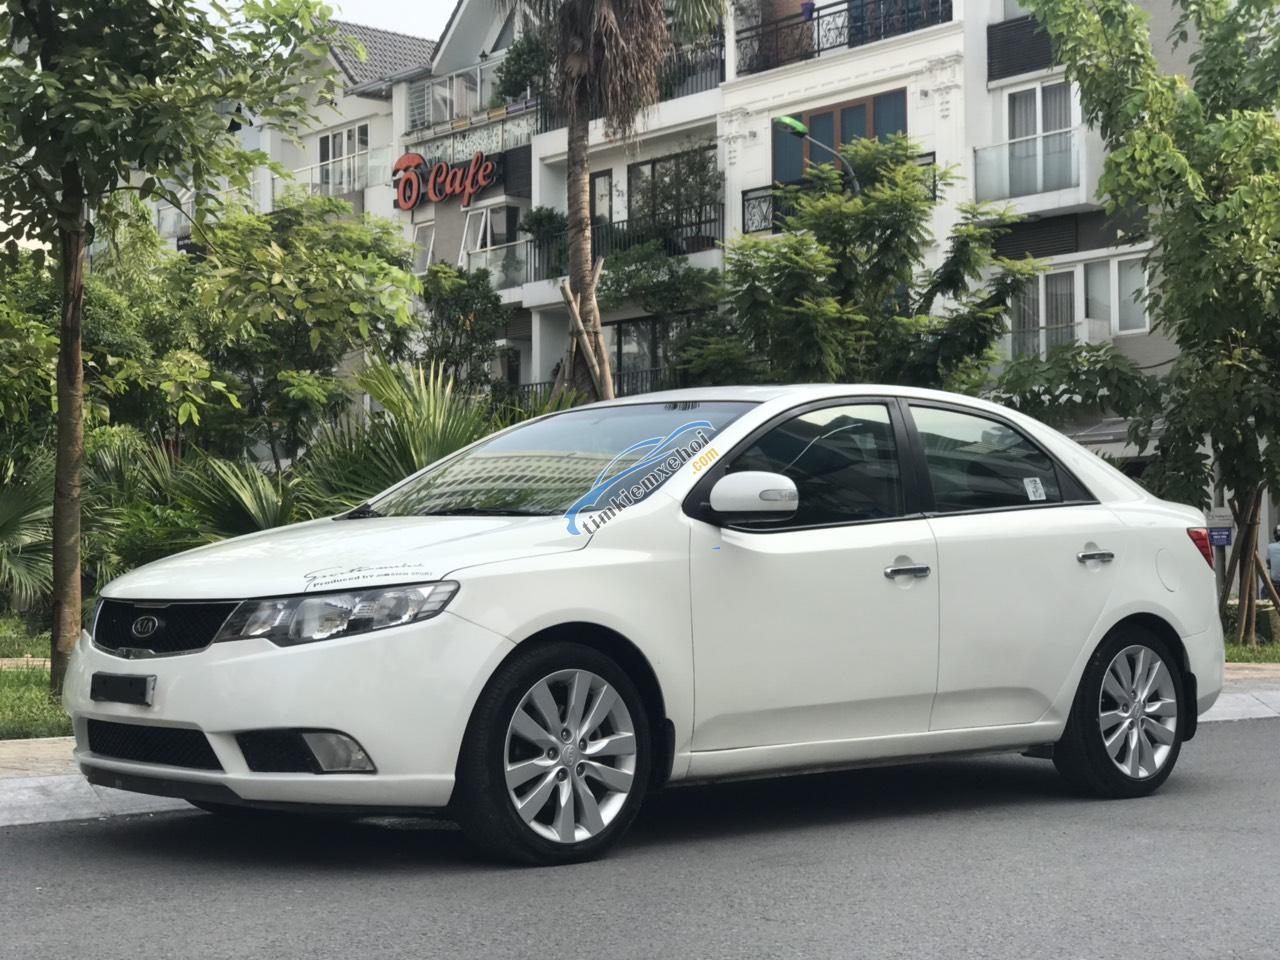 Bán xe Kia Cerato SX 1.6 AT sản xuất 2009, màu trắng, nhập khẩu nguyên chiếc